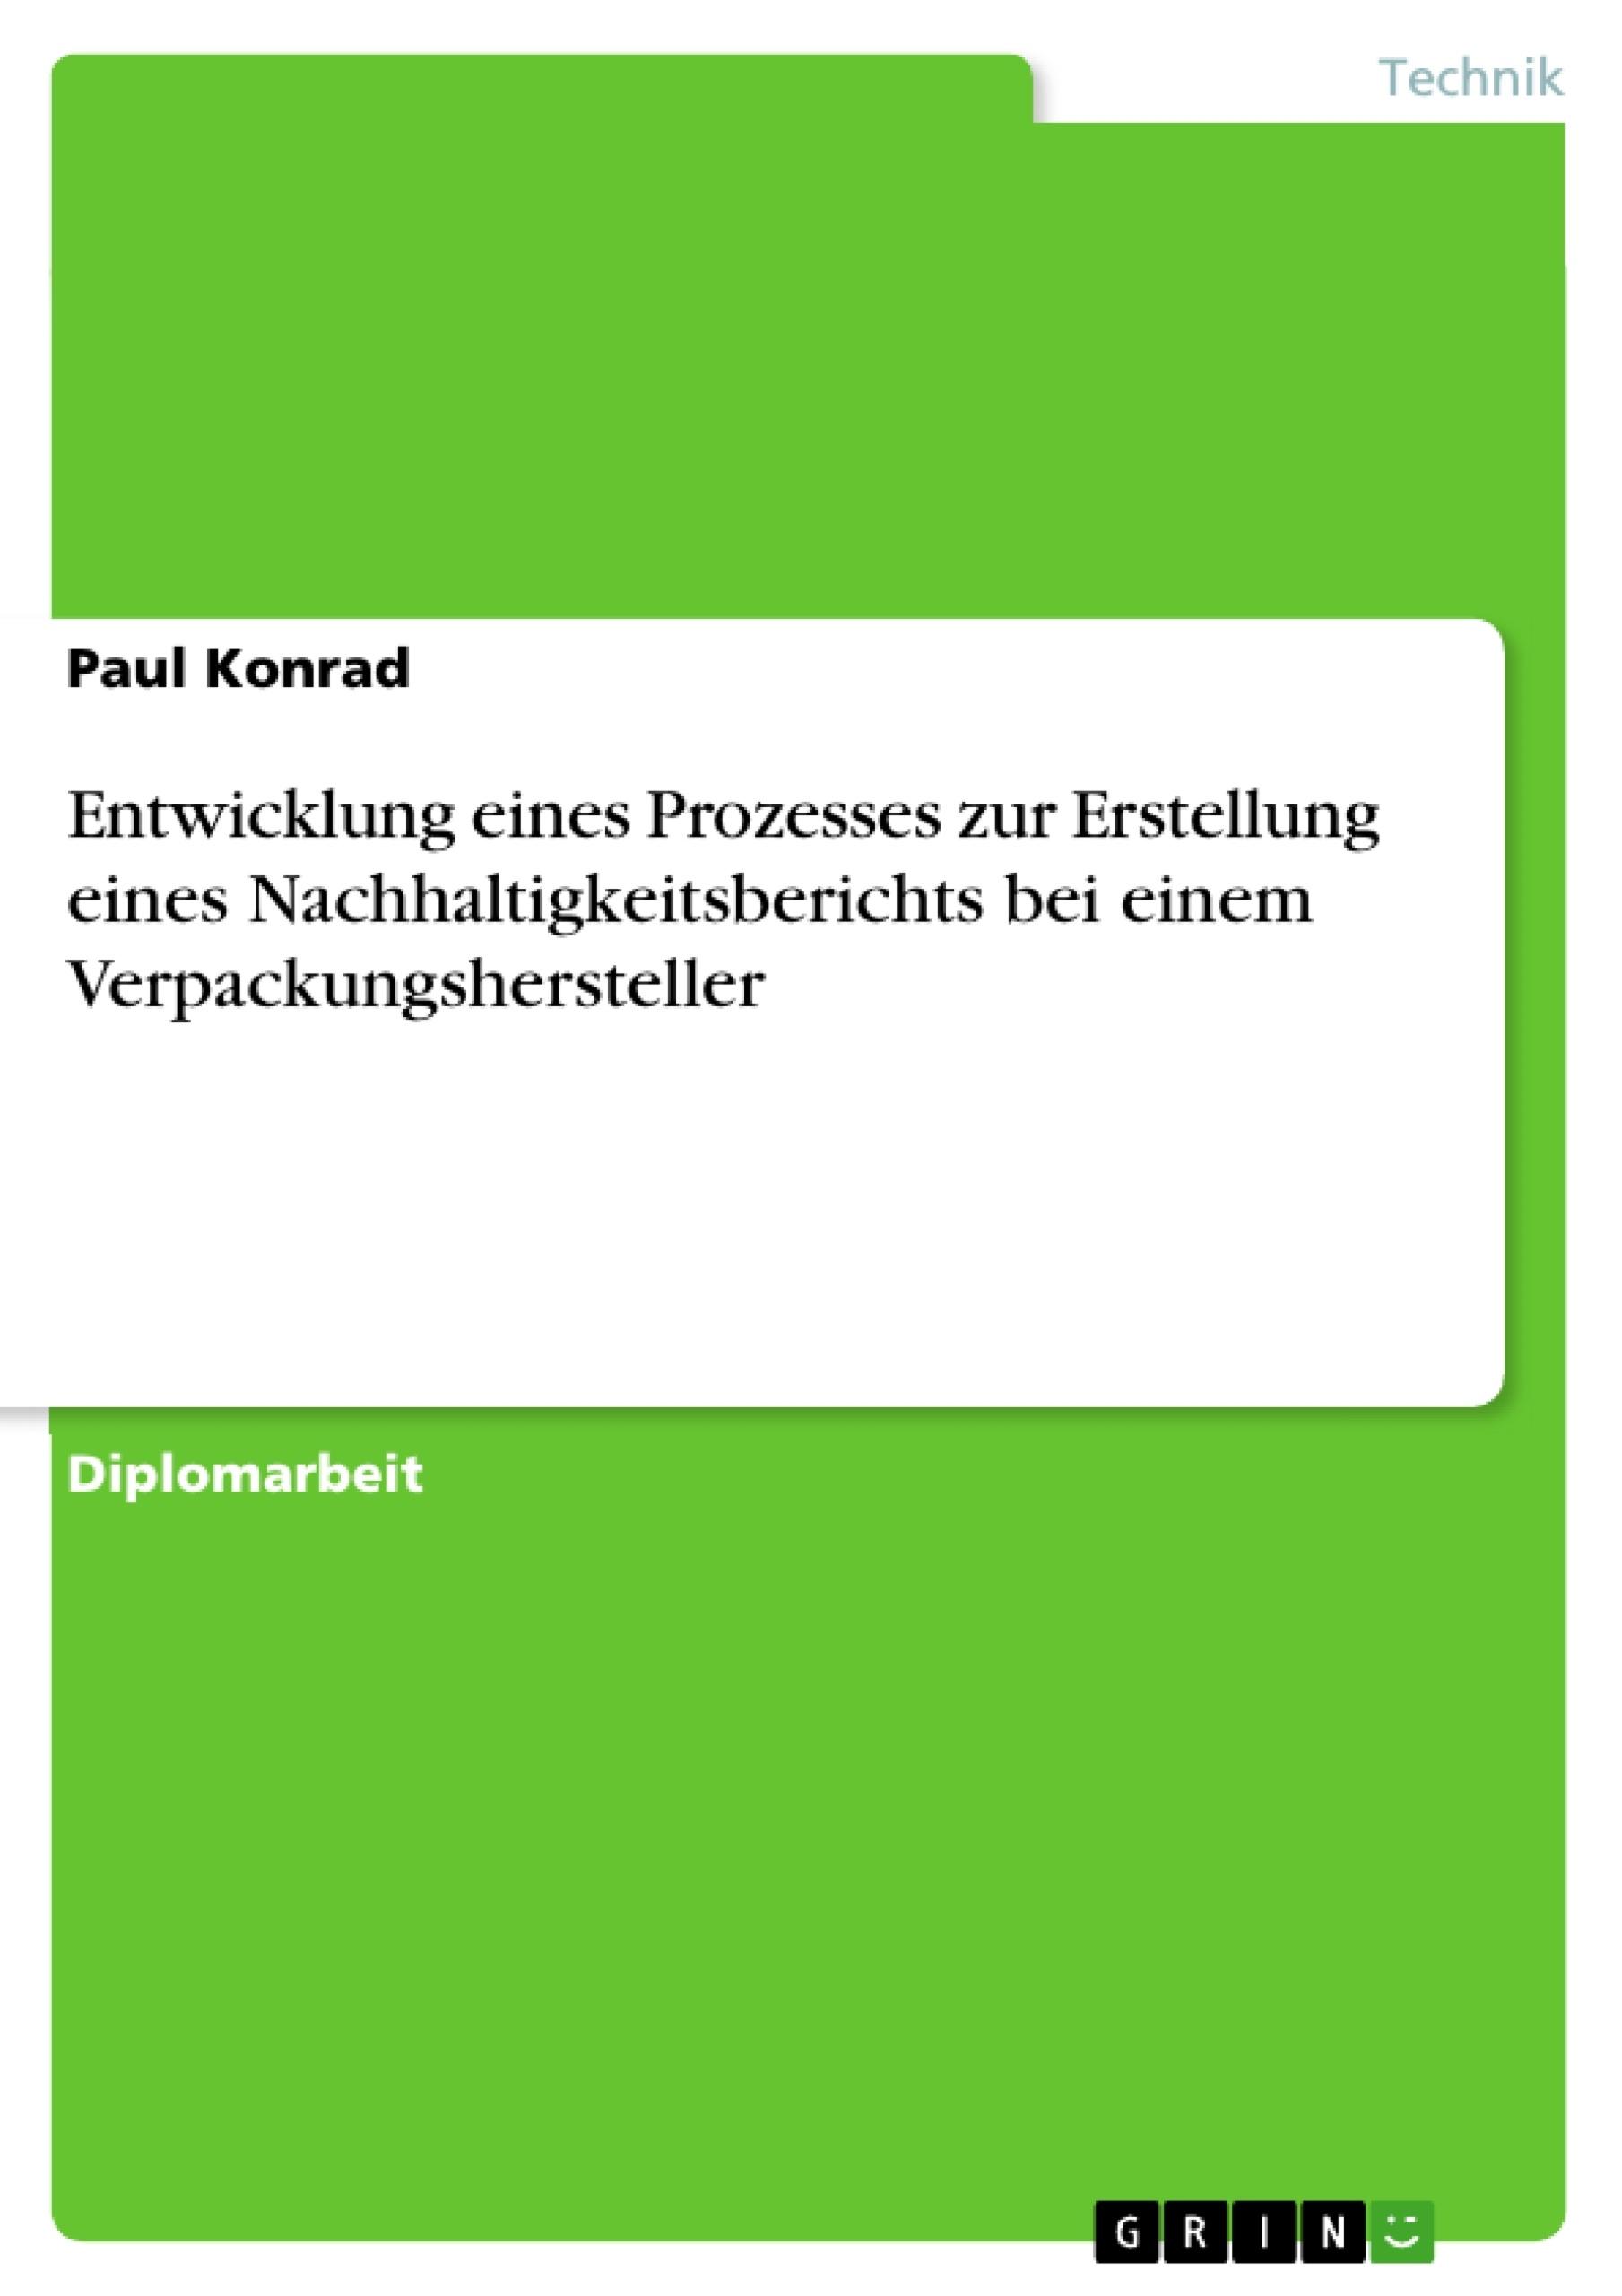 Titel: Entwicklung eines Prozesses zur Erstellung eines Nachhaltigkeitsberichts bei einem Verpackungshersteller